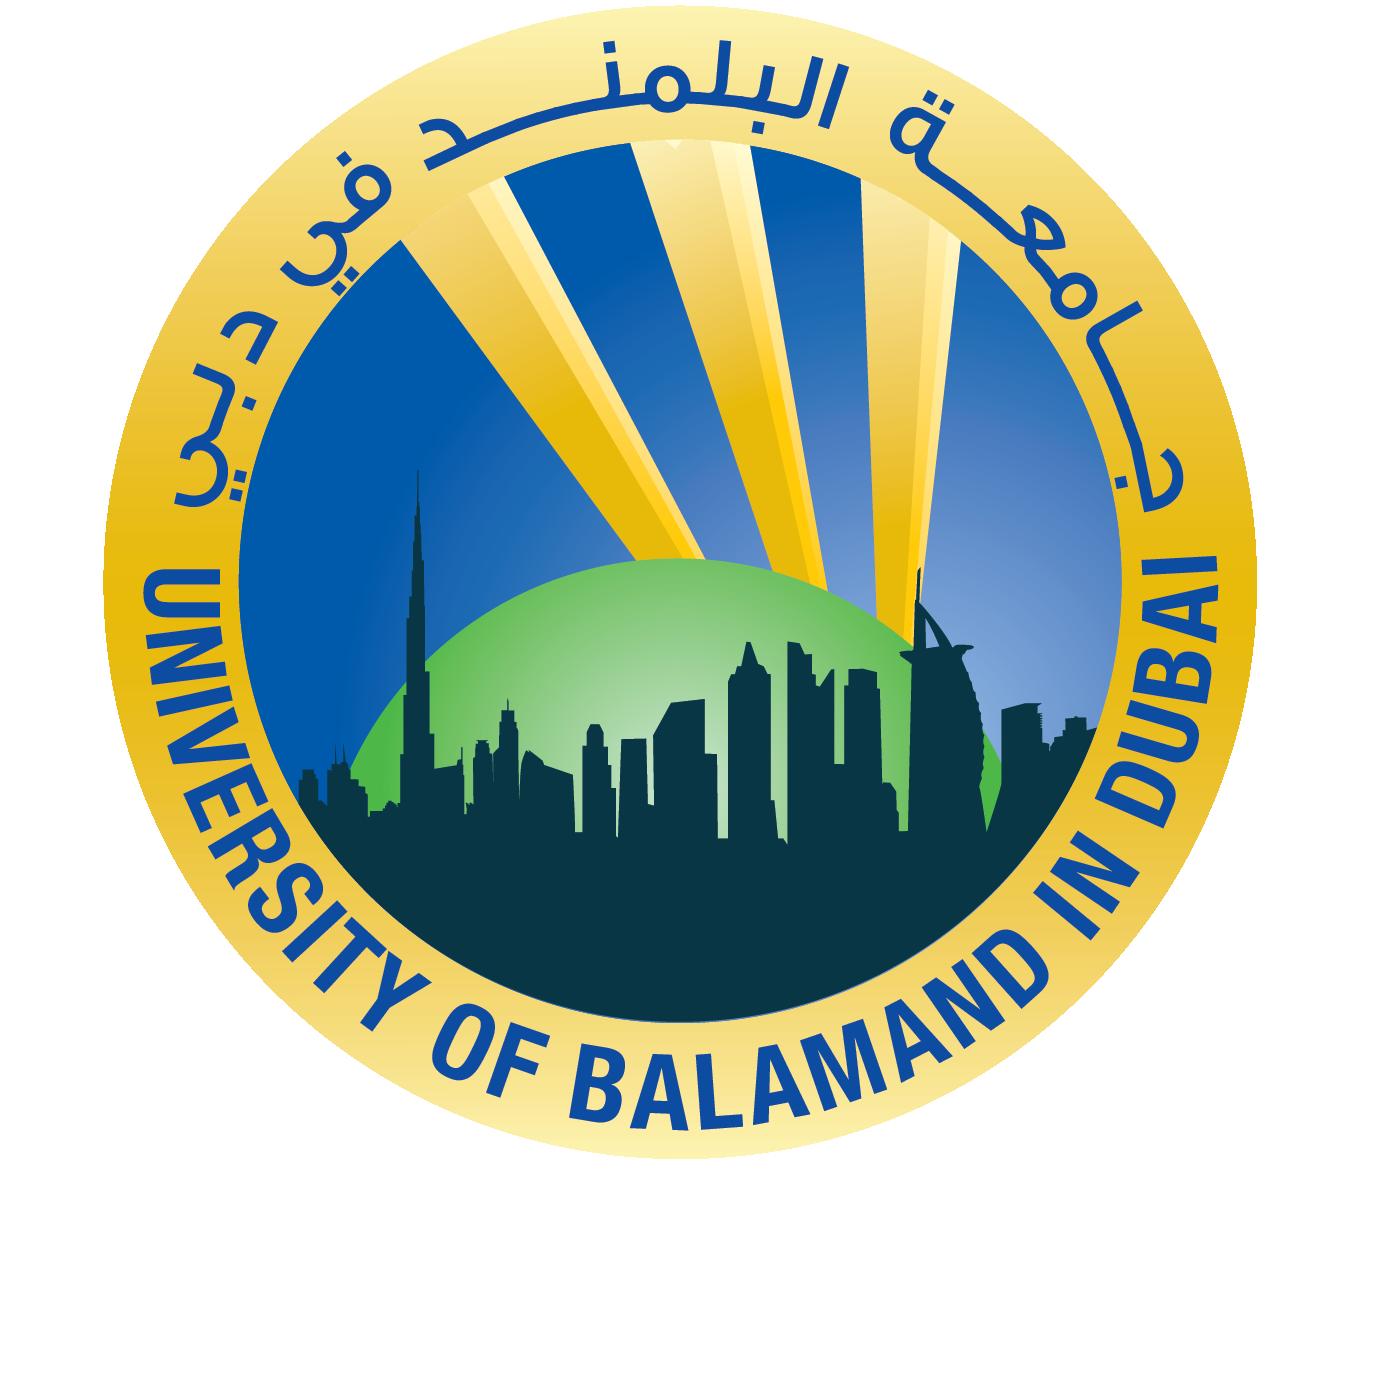 دبي للاستثمار تطلق جامعة البلمند في دبي والدراسة في سبتمبر المقبل